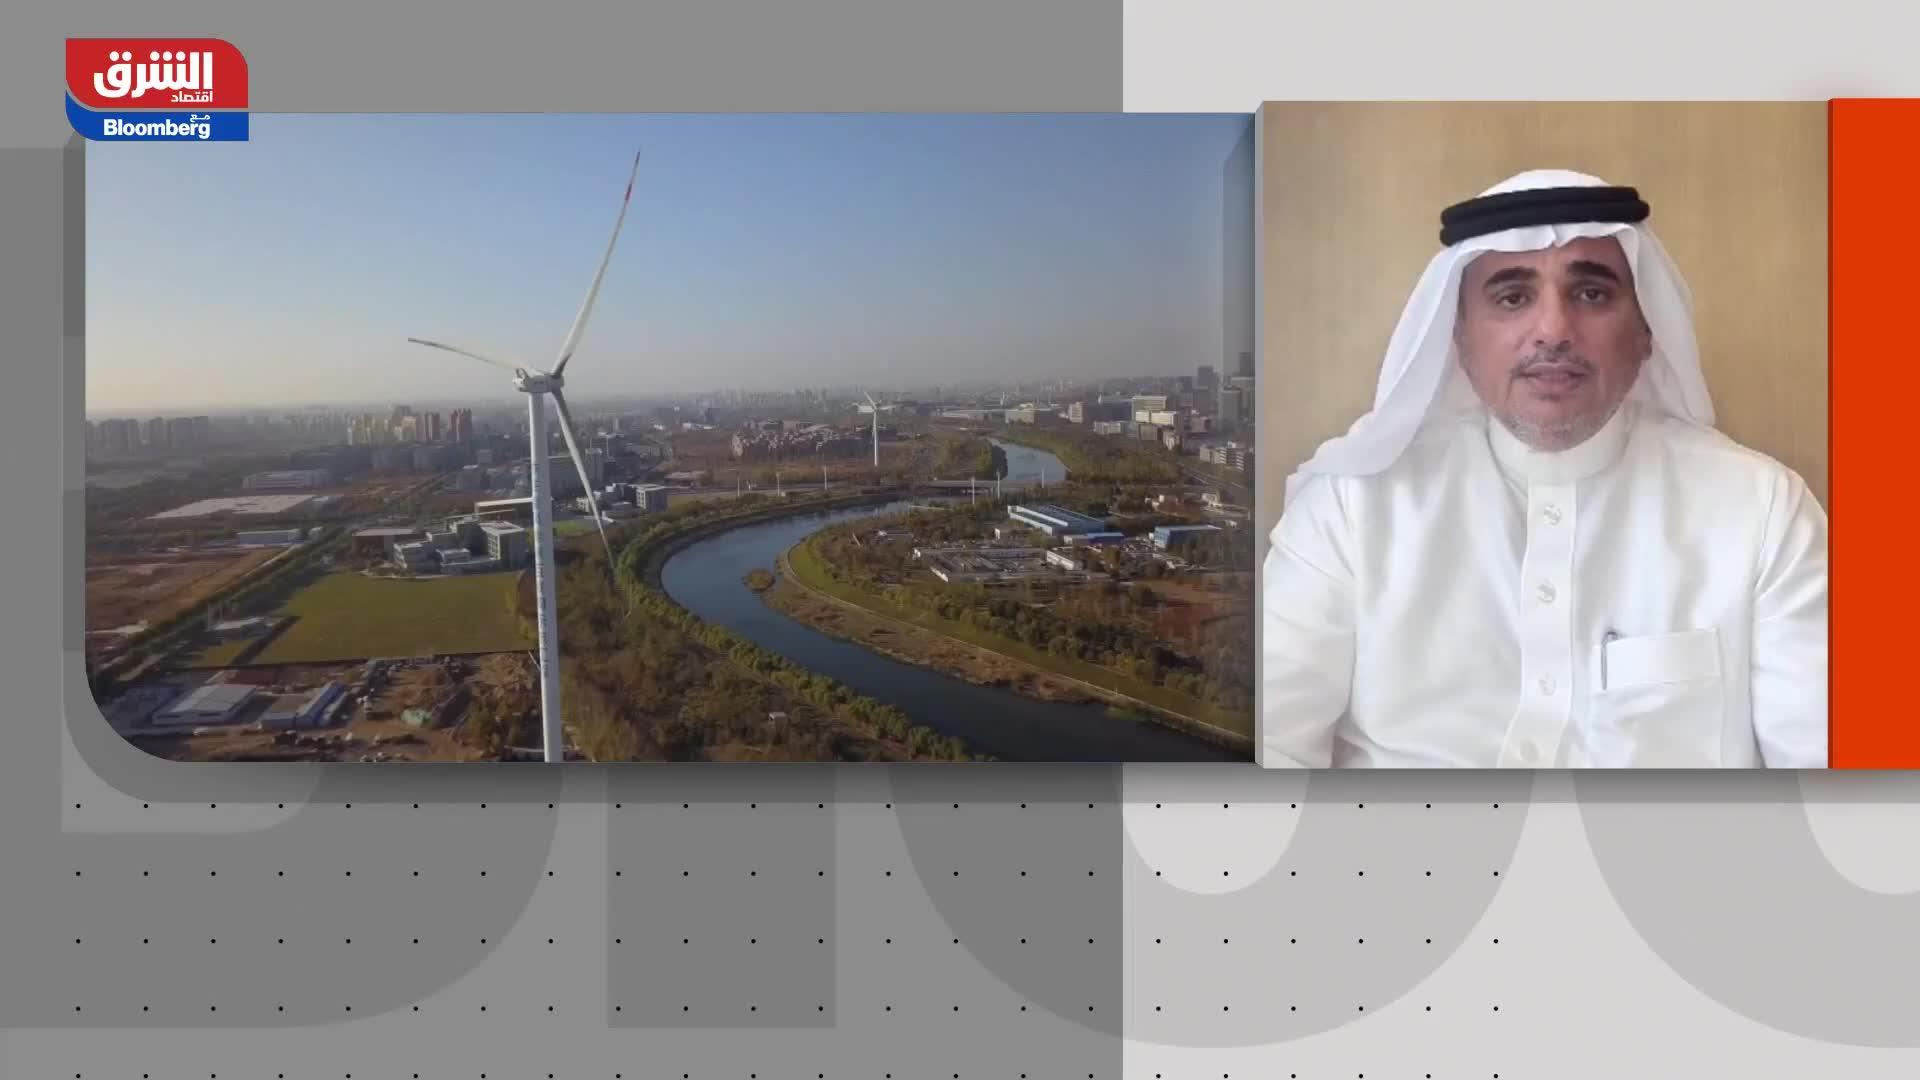 في أي سياق يأتي قيام السعودية بالدعوى لمبادرتي مقاومة تغير المناخ وإعادة التوازن البيئي؟